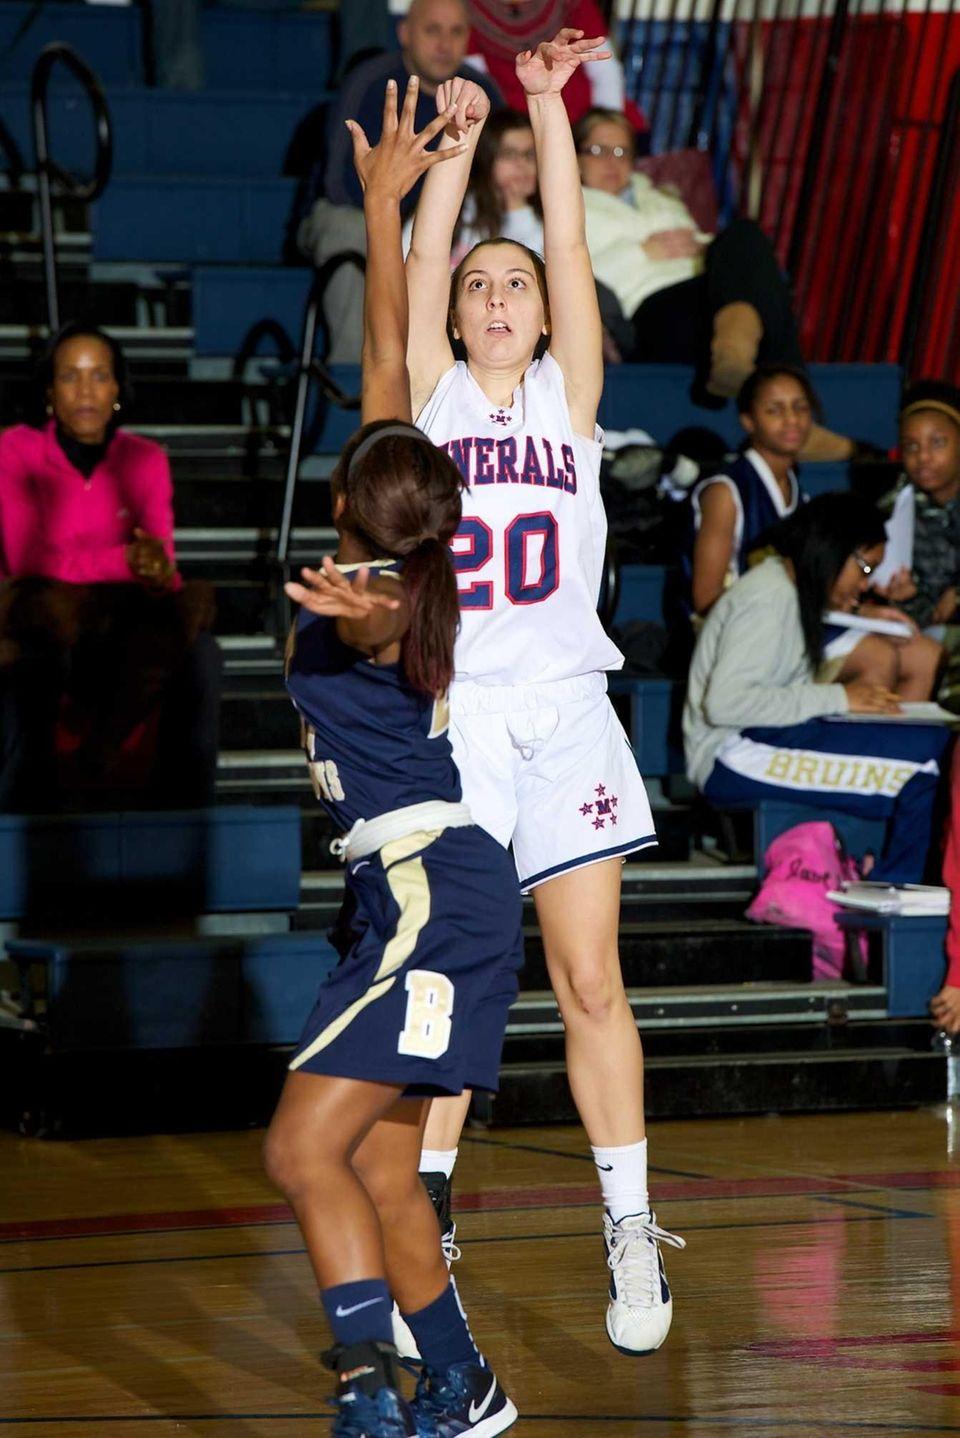 MacArthur junior Jen Gubell takes a jump shot